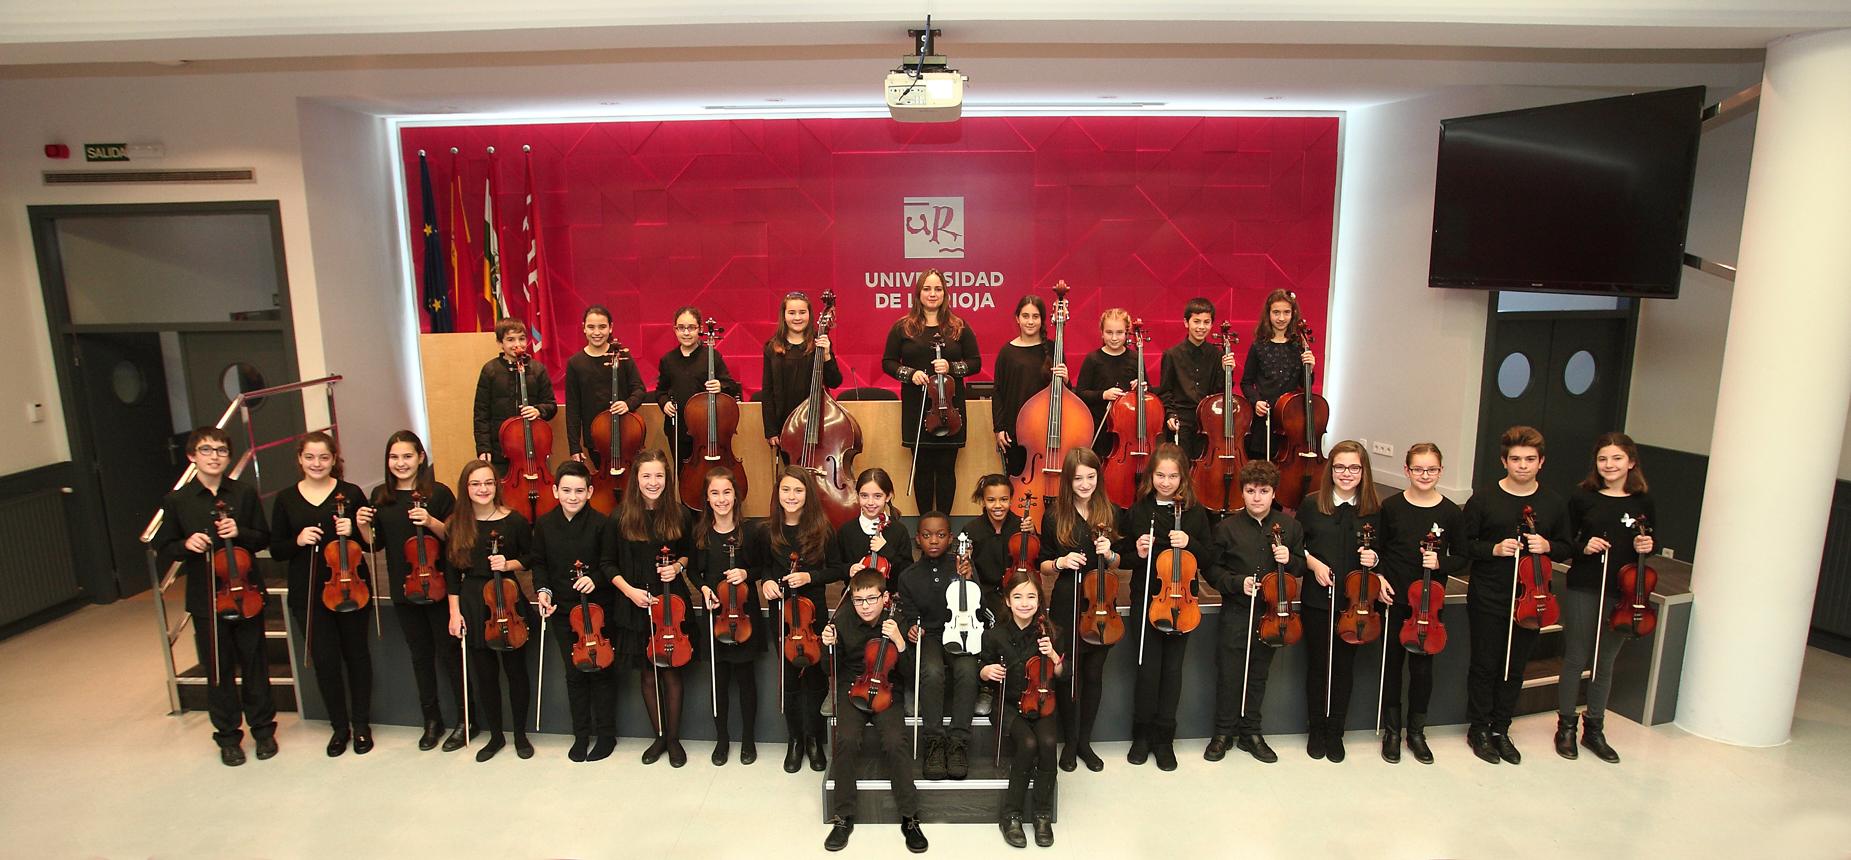 Cantalupa.  L'Orquesta Promesas in concerto al polivalente